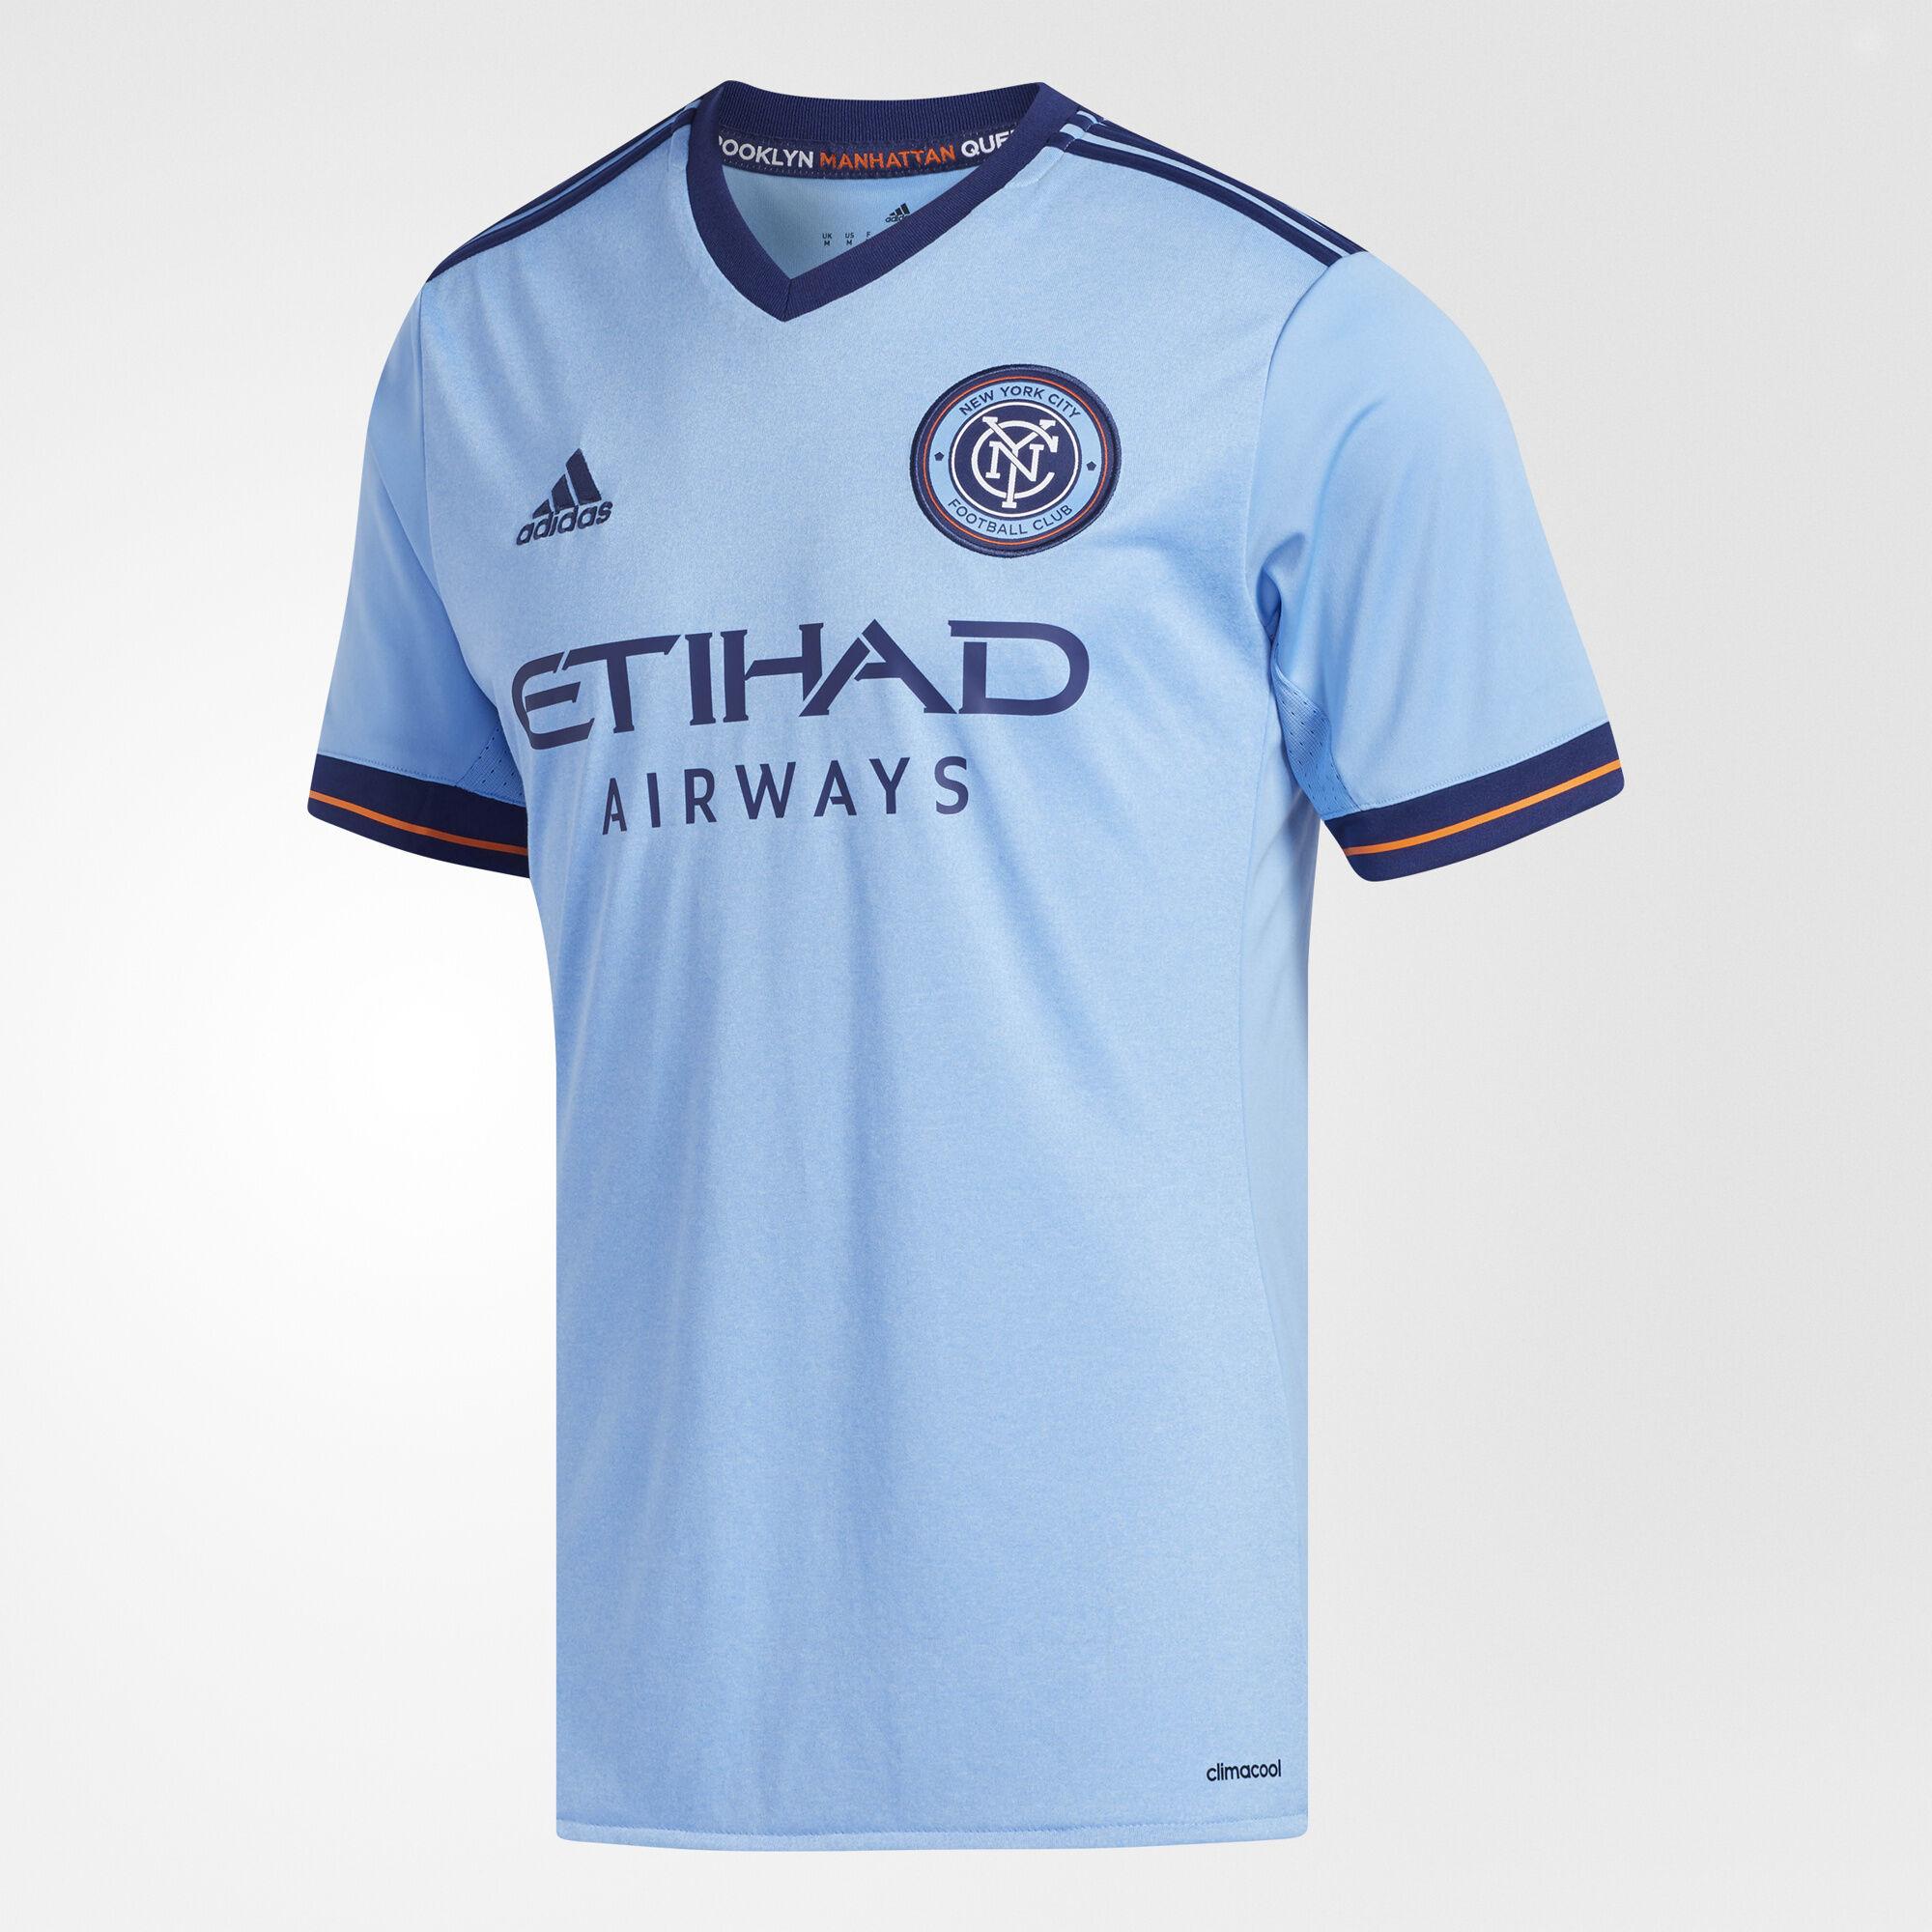 Shirt design maker near me - Adidas New York City Fc Home Replica Jersey Bahia Lt Blue Night Sky Ay7007